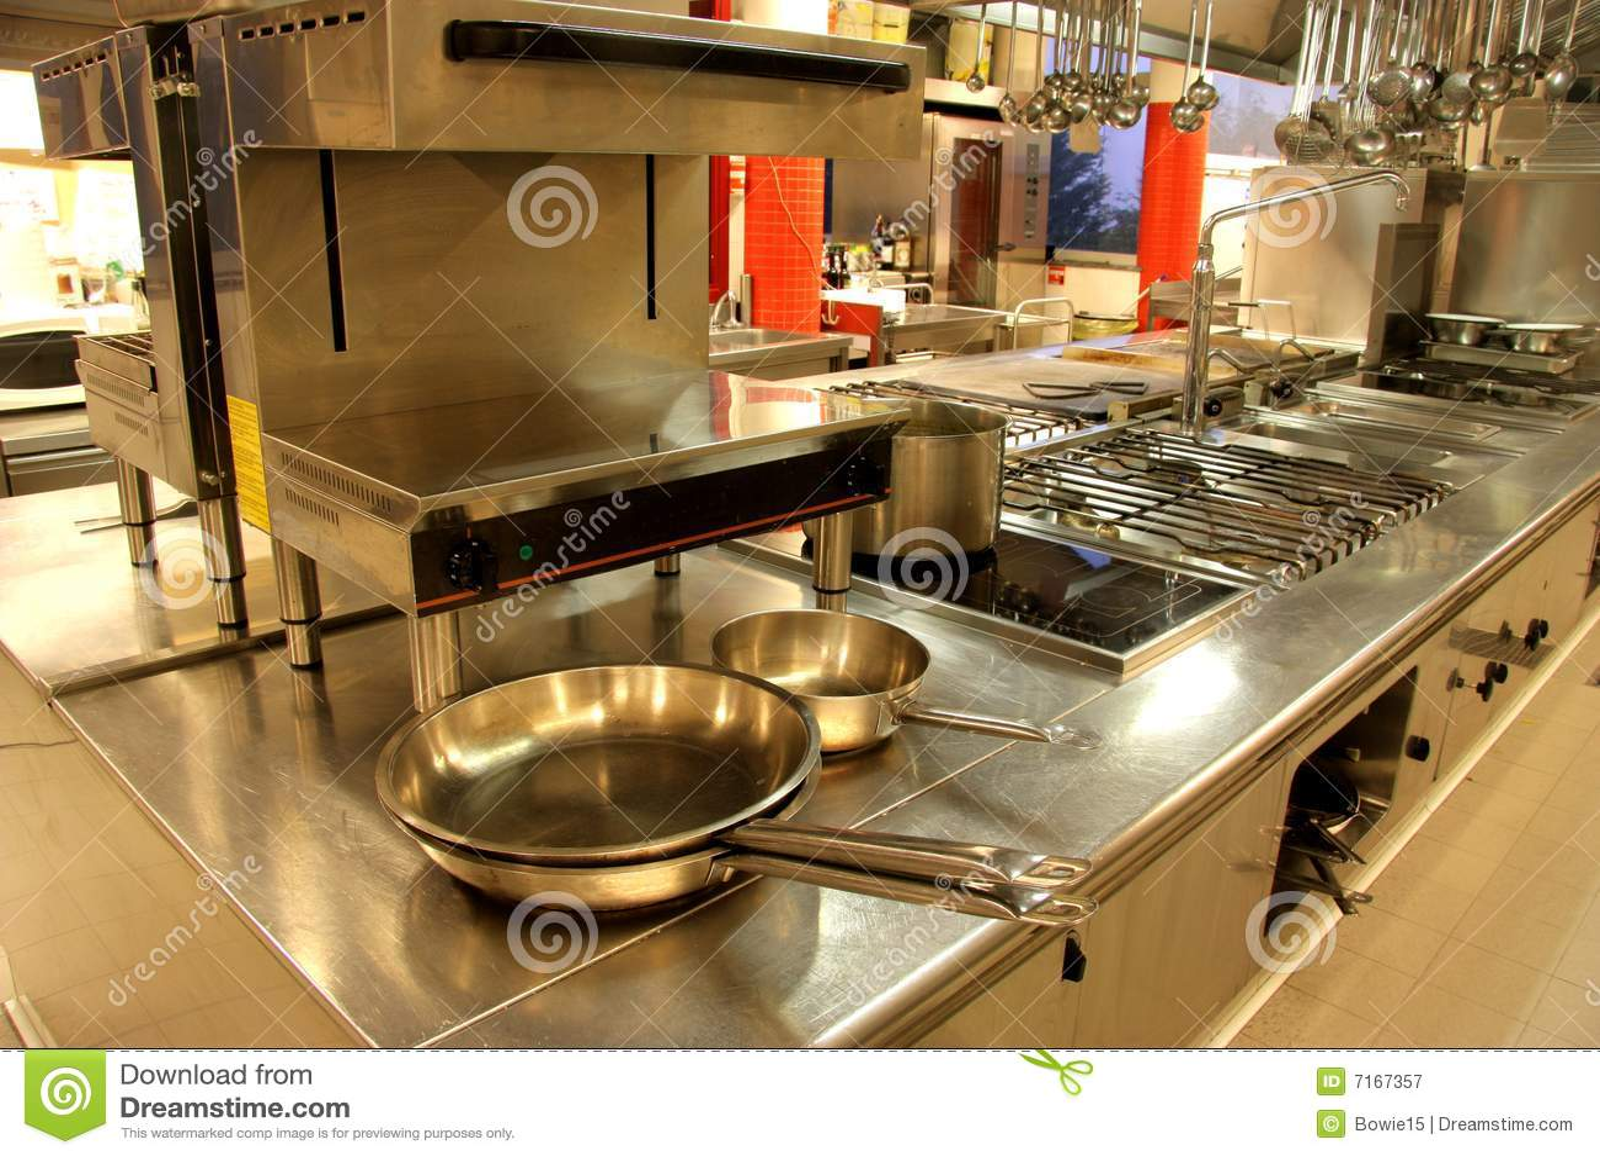 Tools kitchen